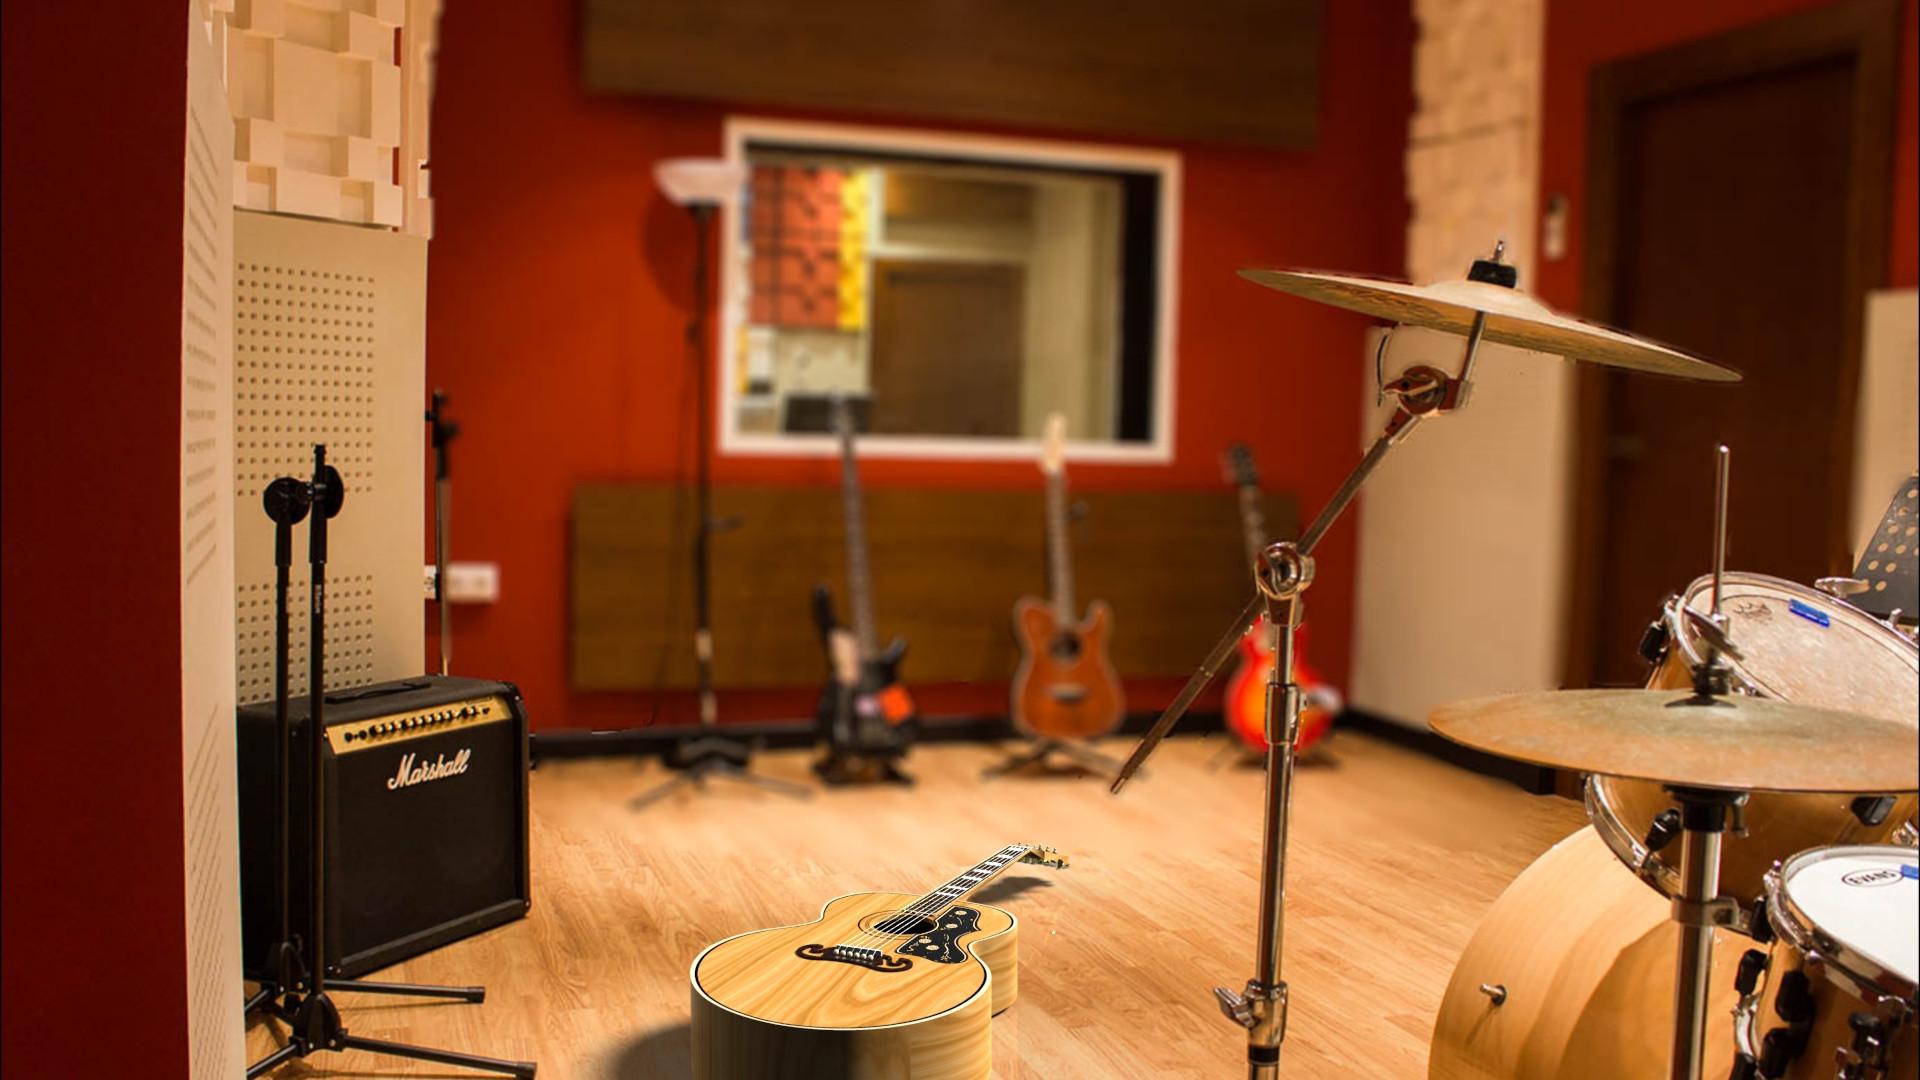 Gibson J 200 Sala de grabación.255.jpg